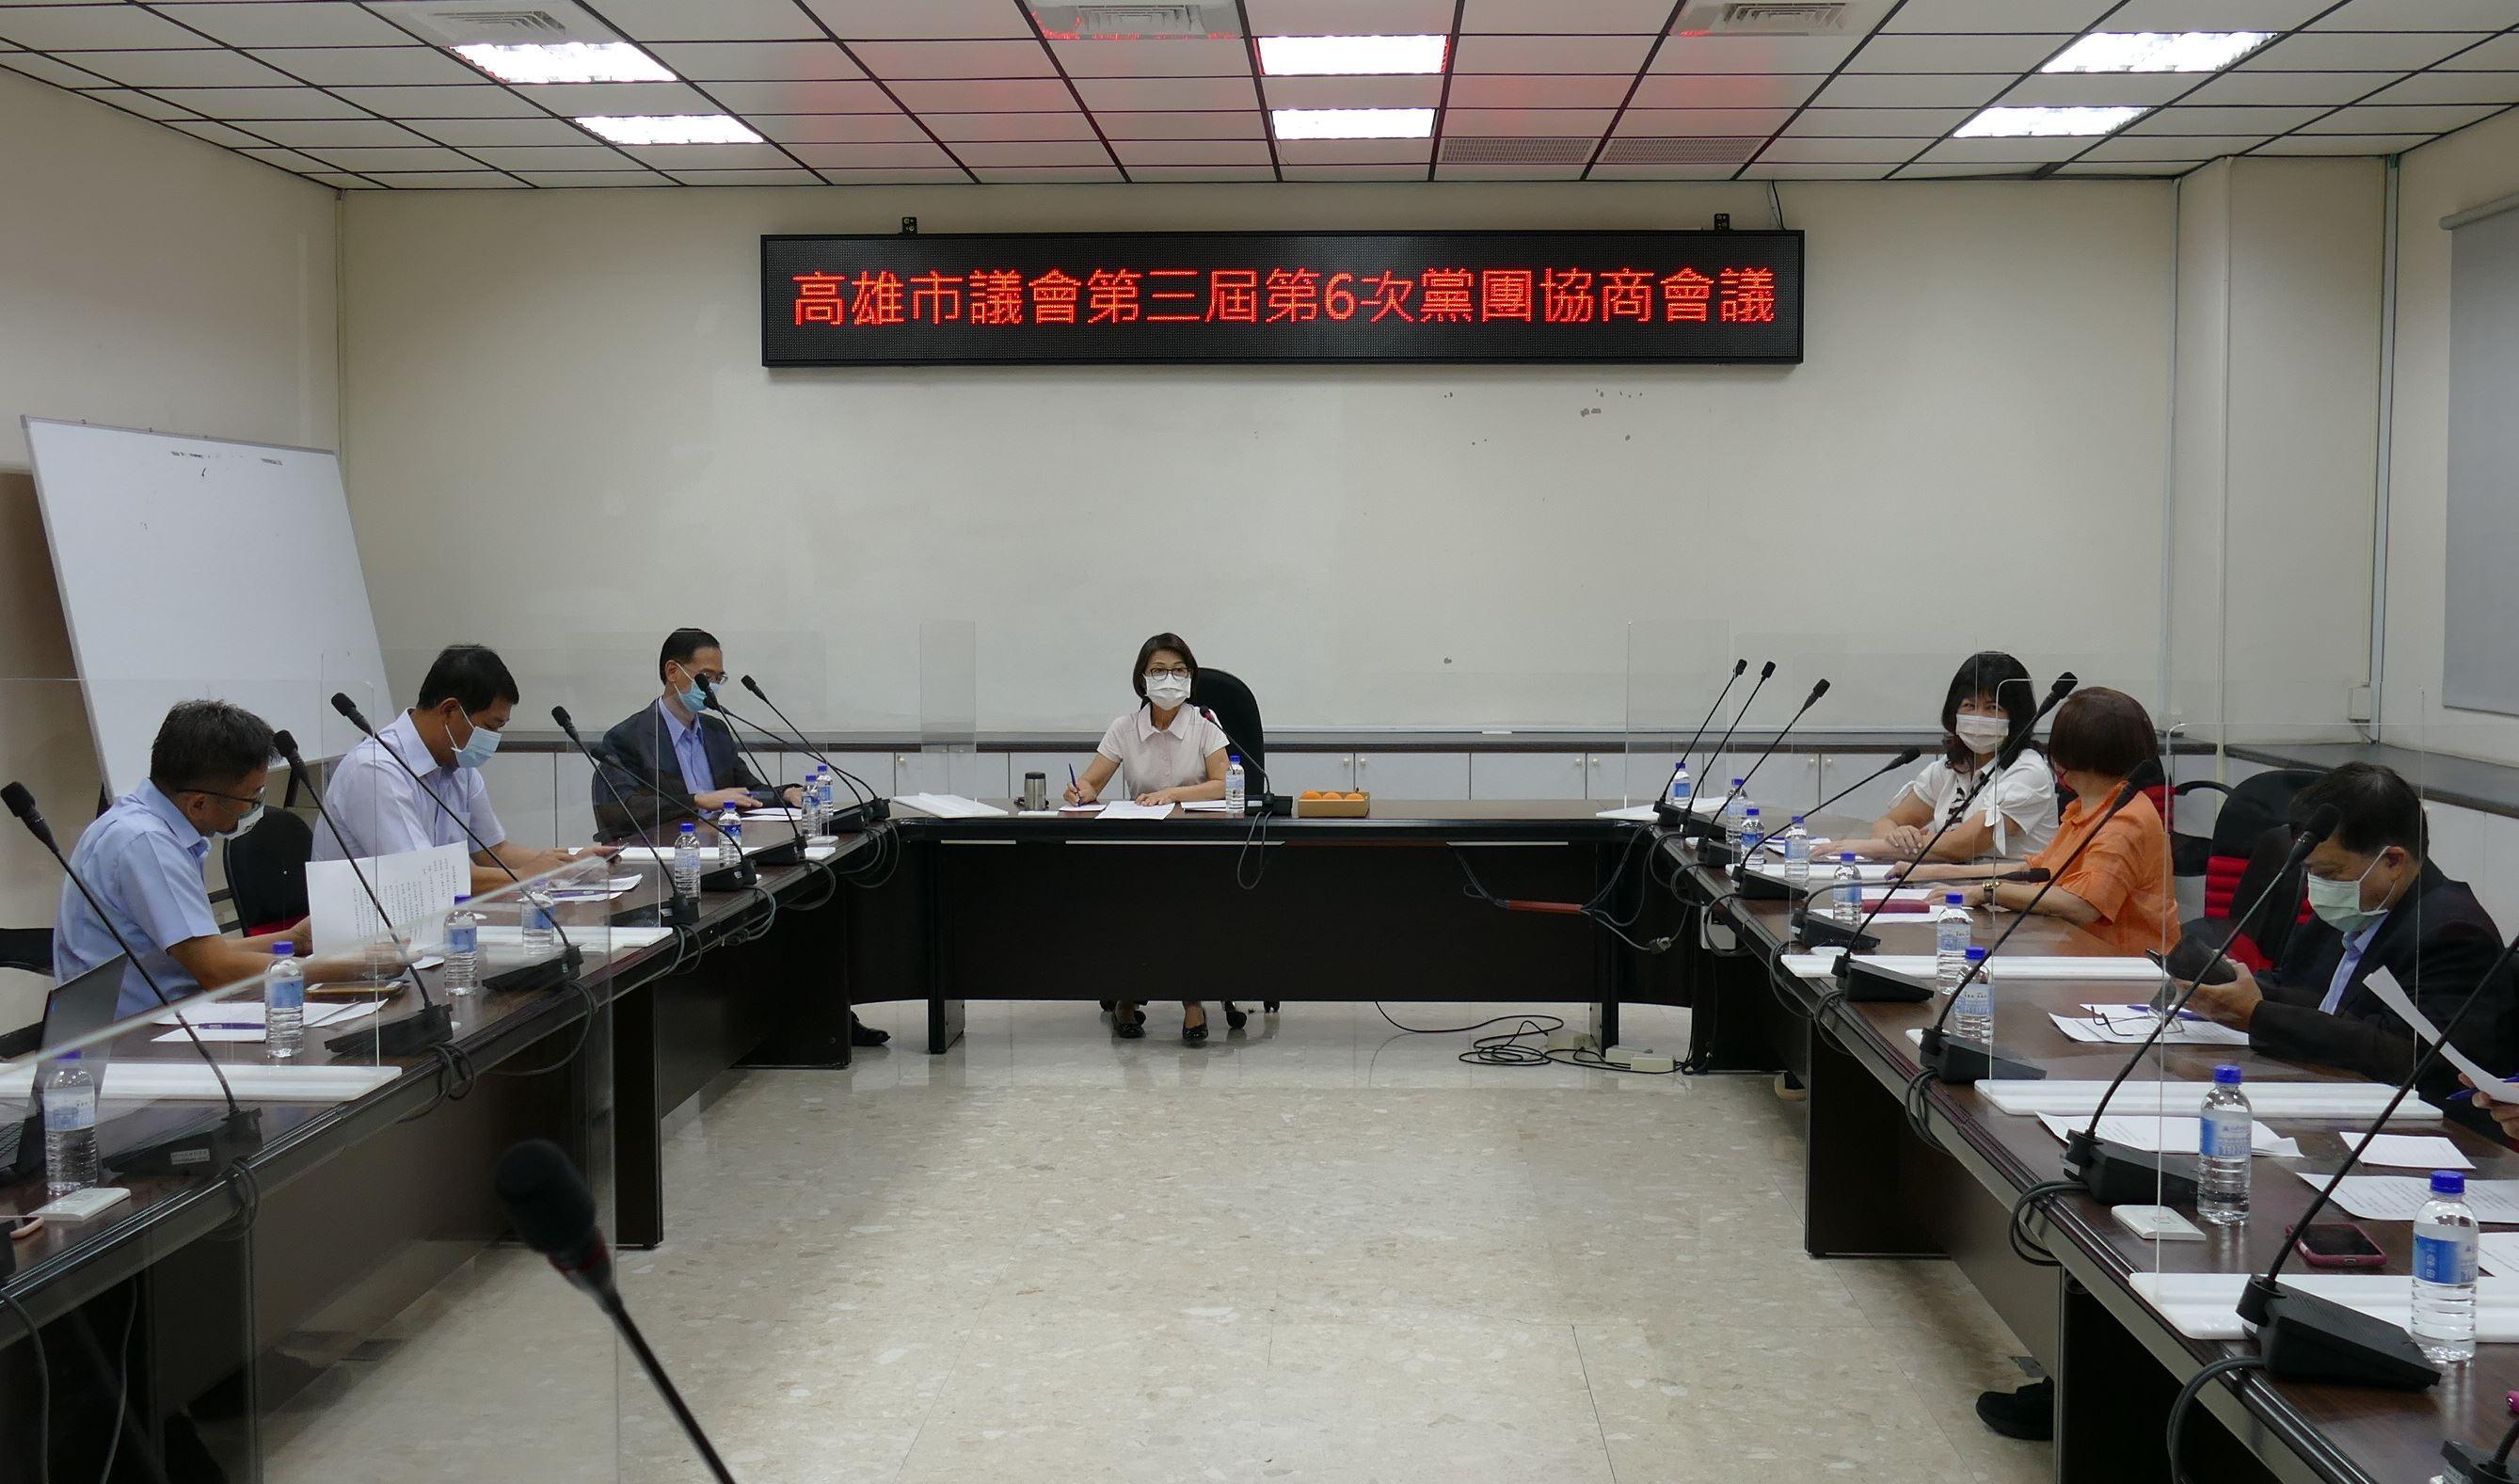 第5次定期大會自7月28日起復會